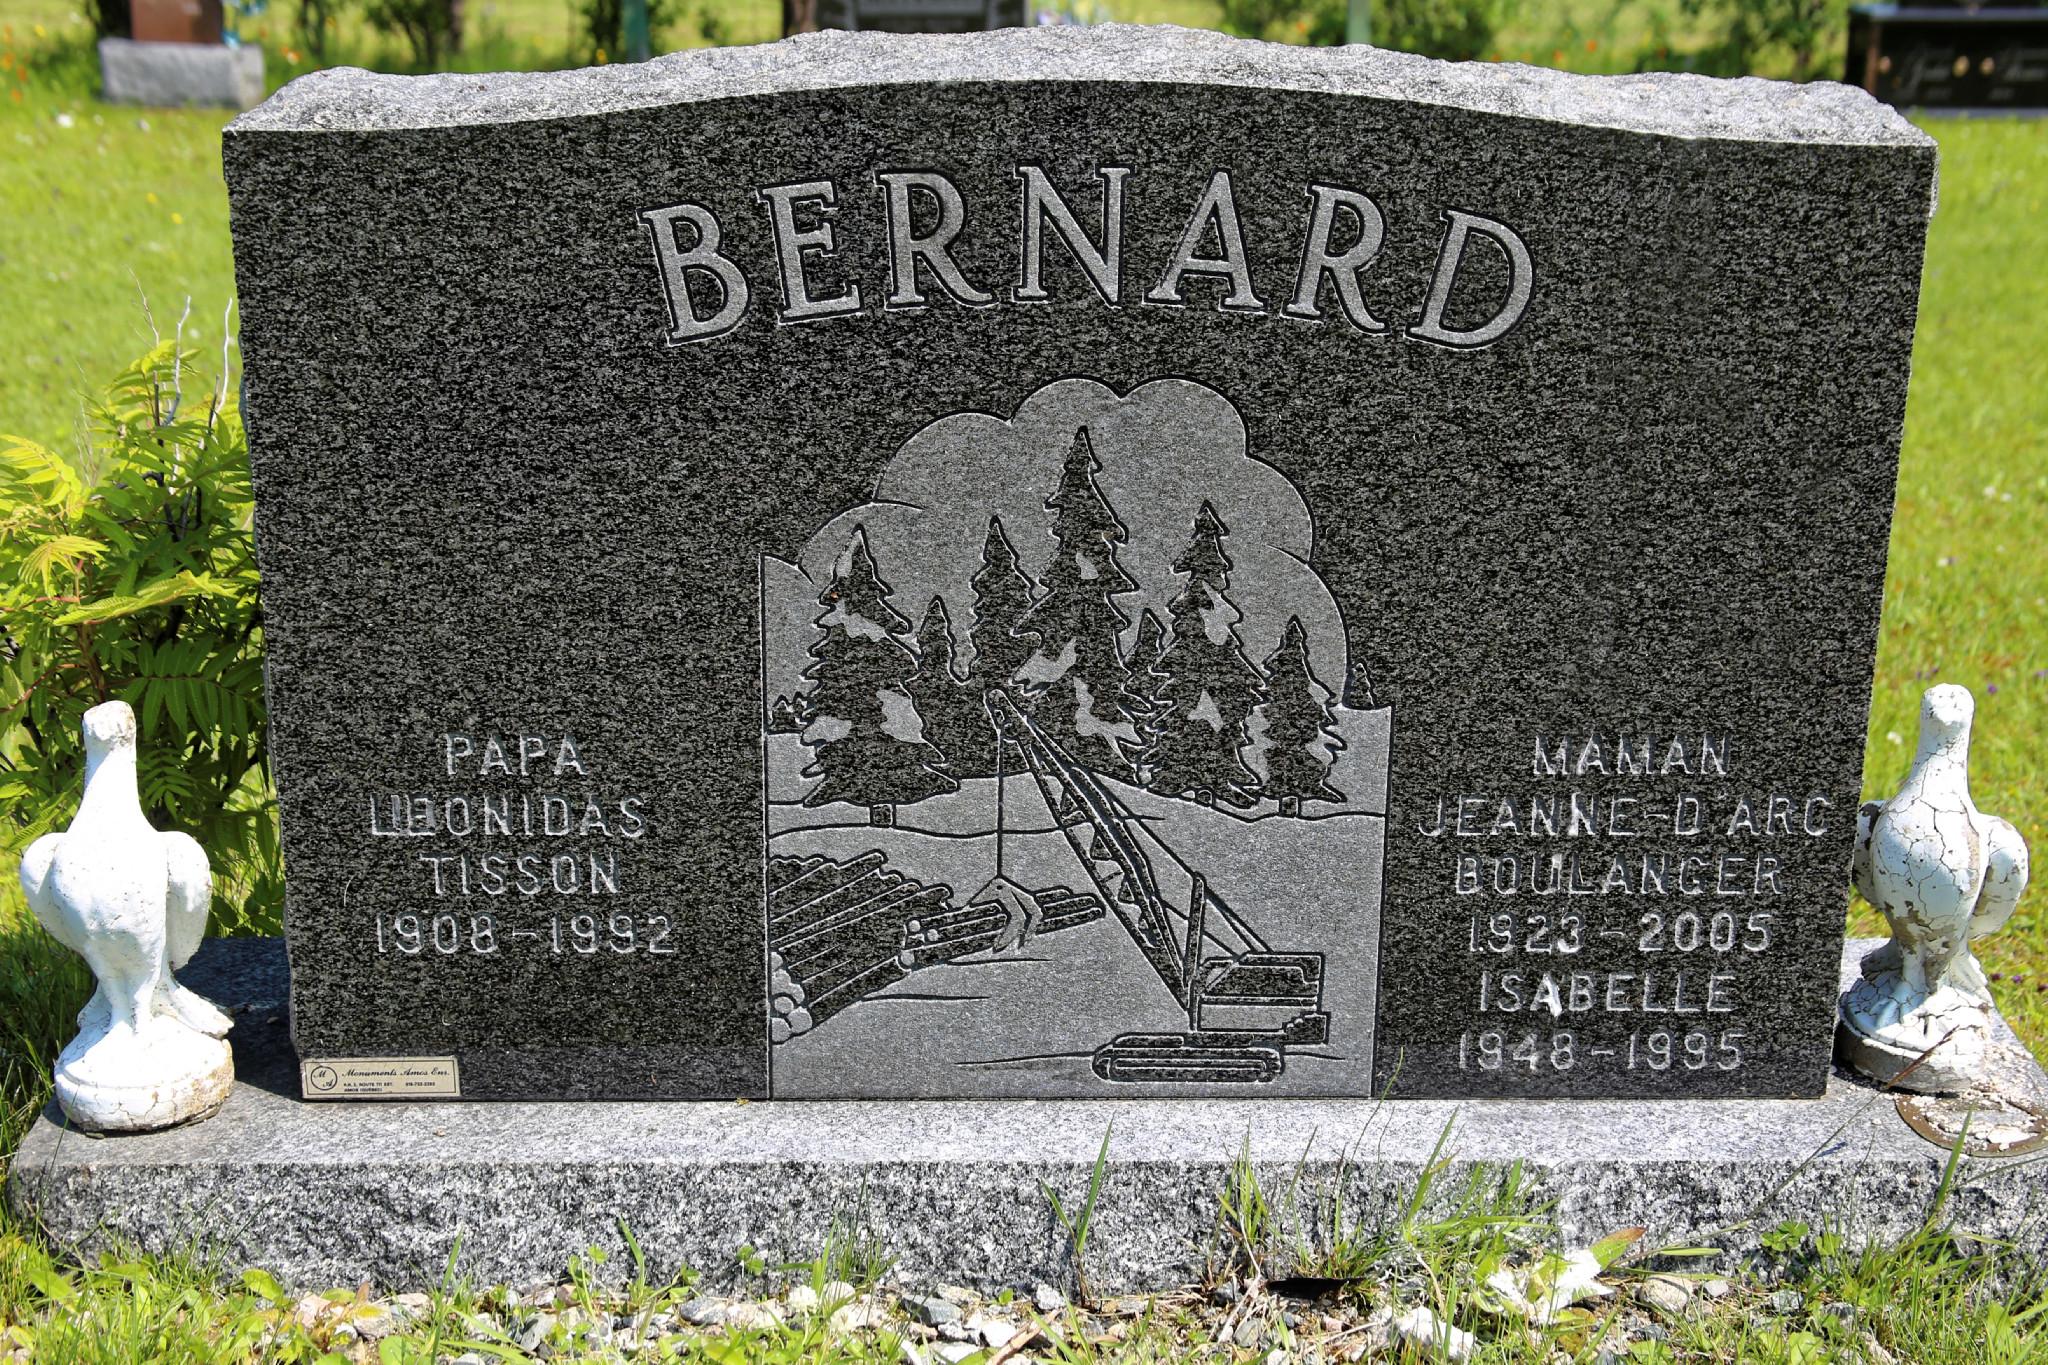 Léonidas Bernard